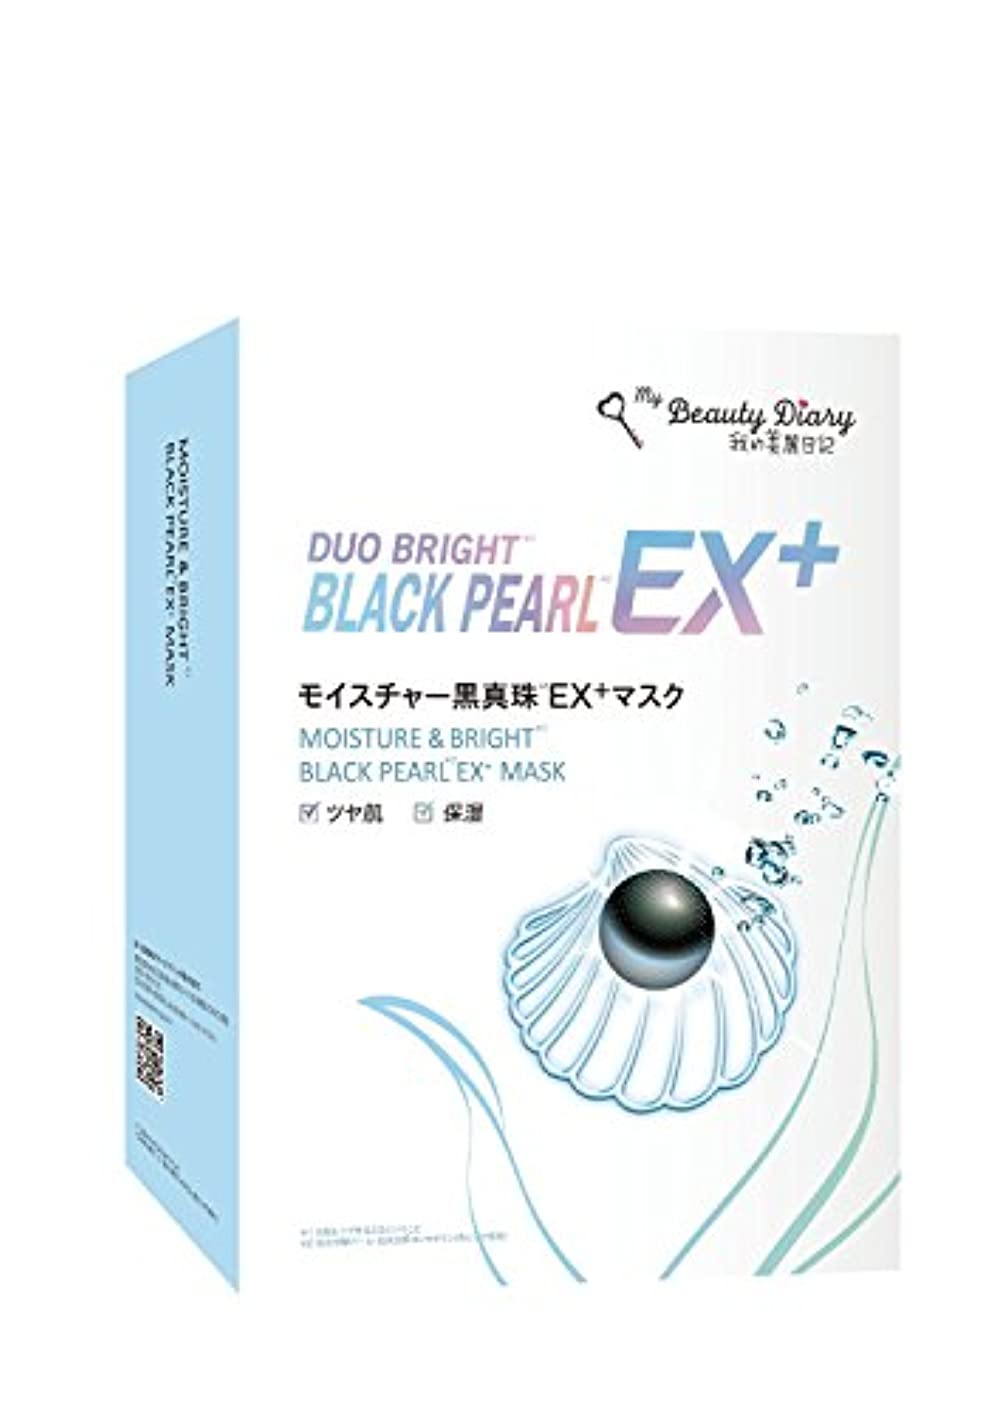 窒素マラソン絞る我的美麗日記-私のきれい日記- モイスチャー黒真珠EX+マスク 6枚入